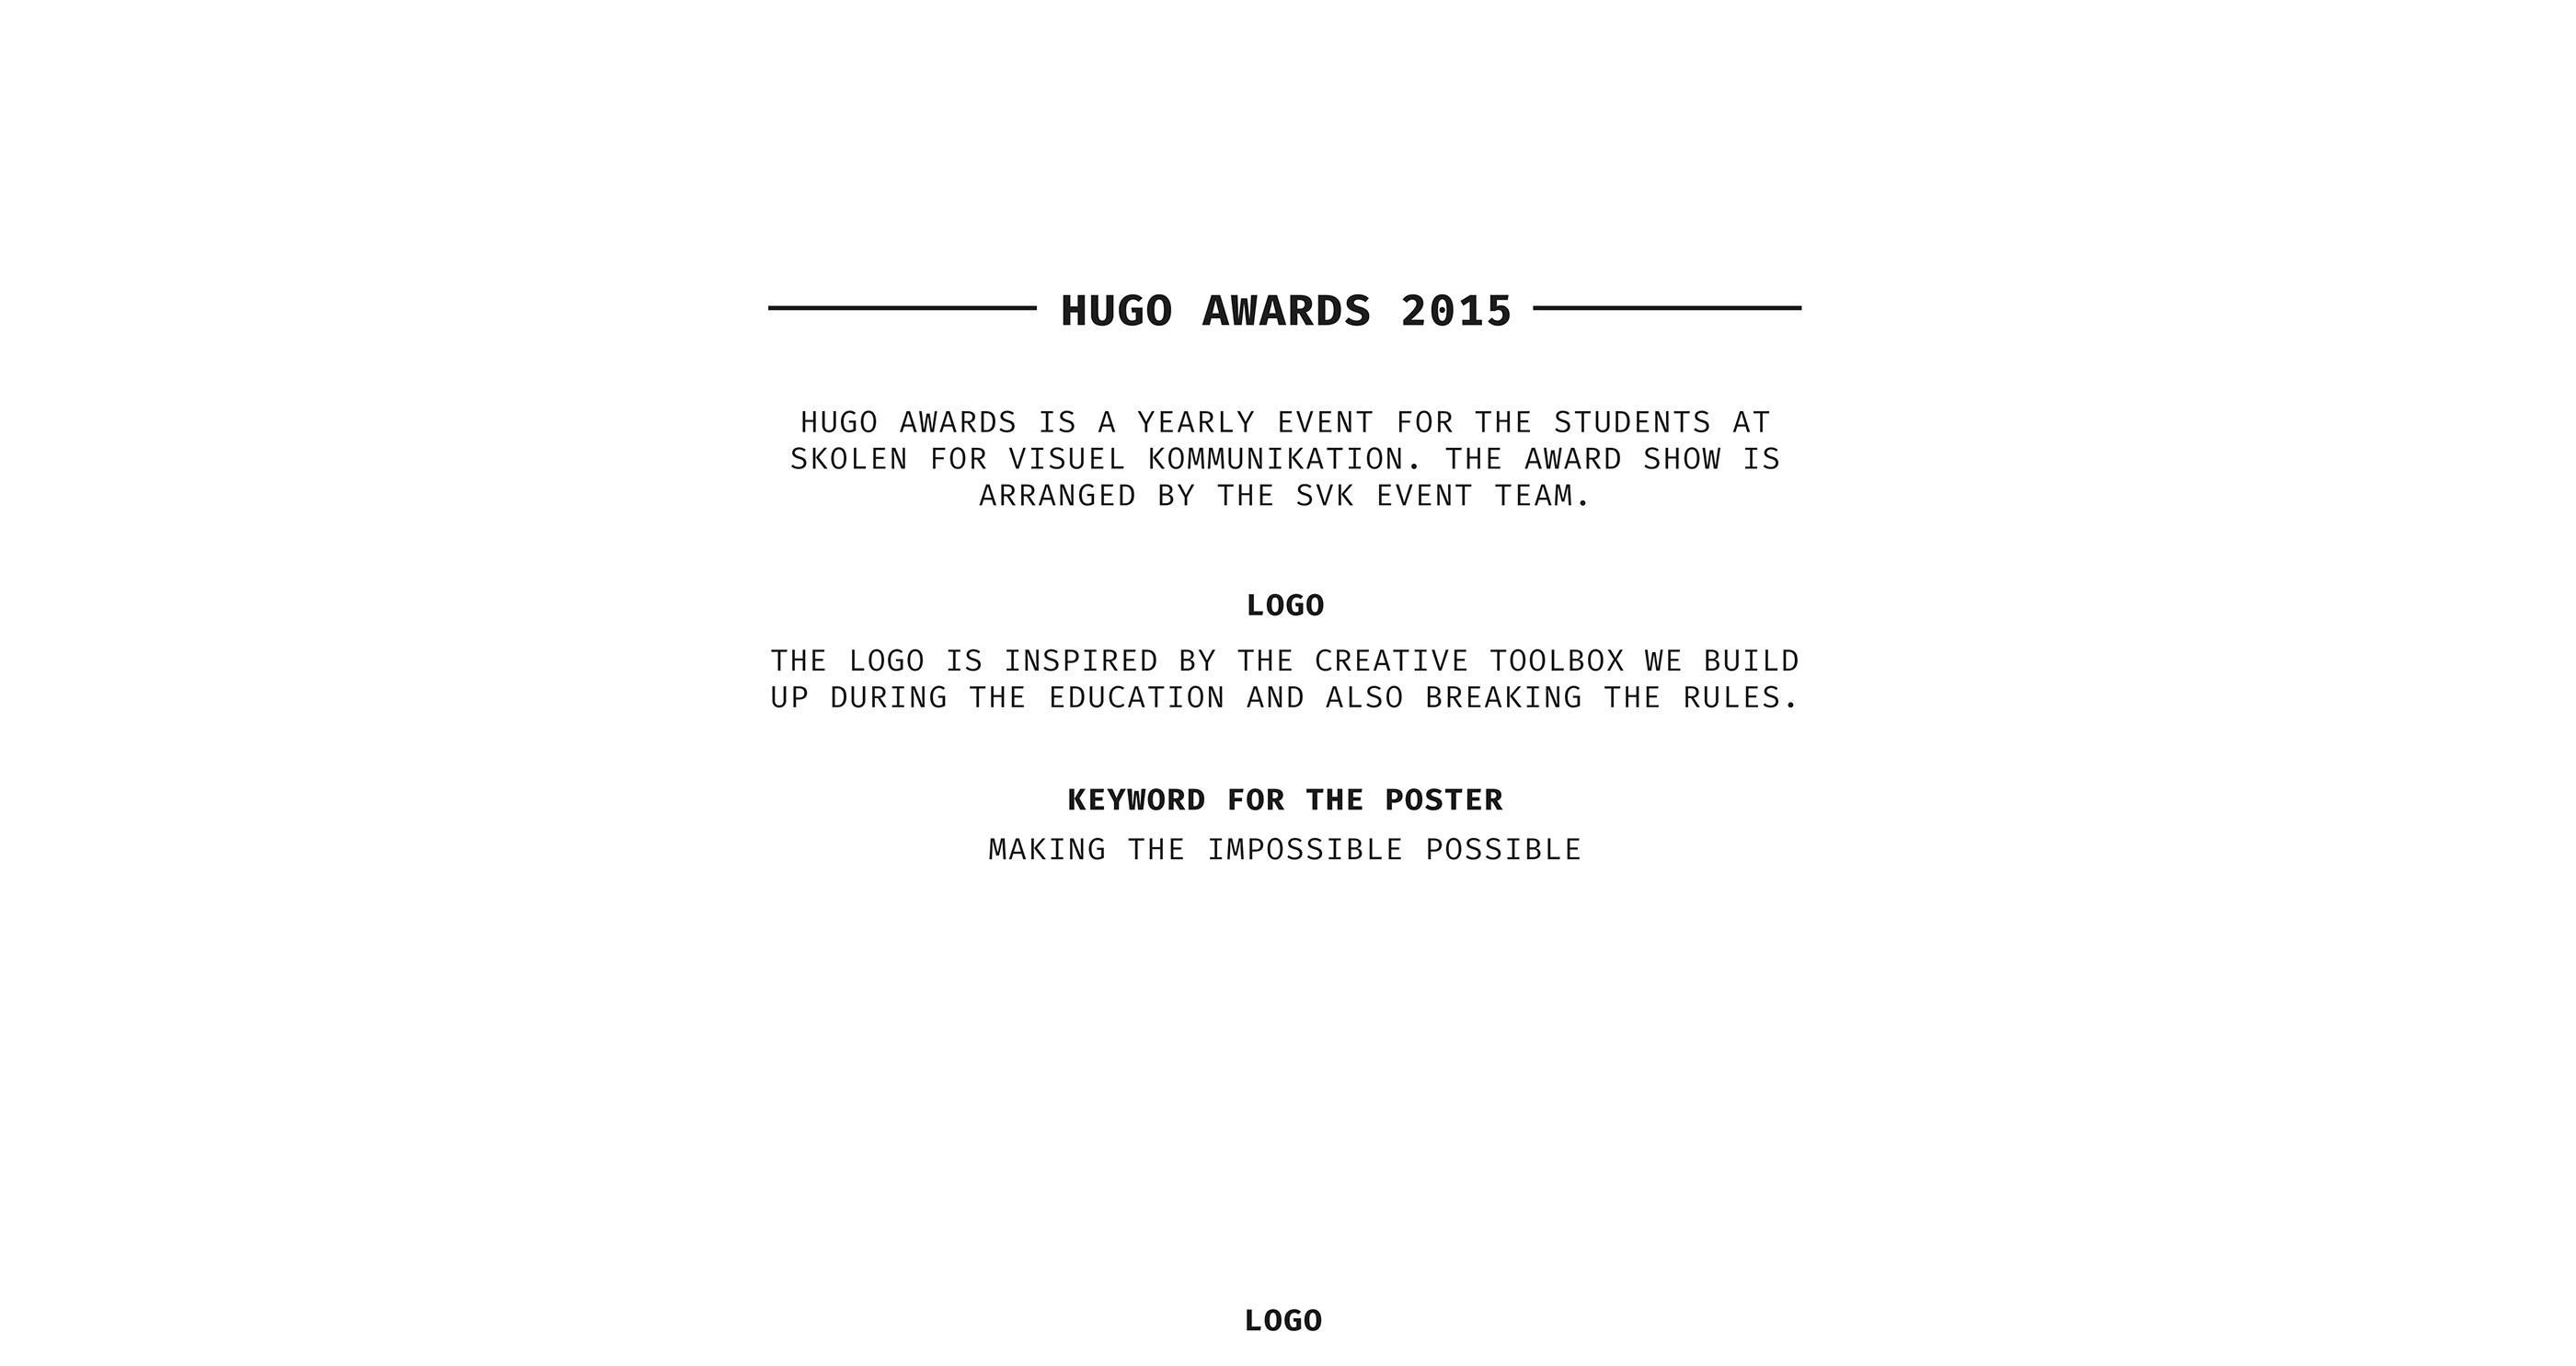 Hugo Awards 2015 poster on Behance